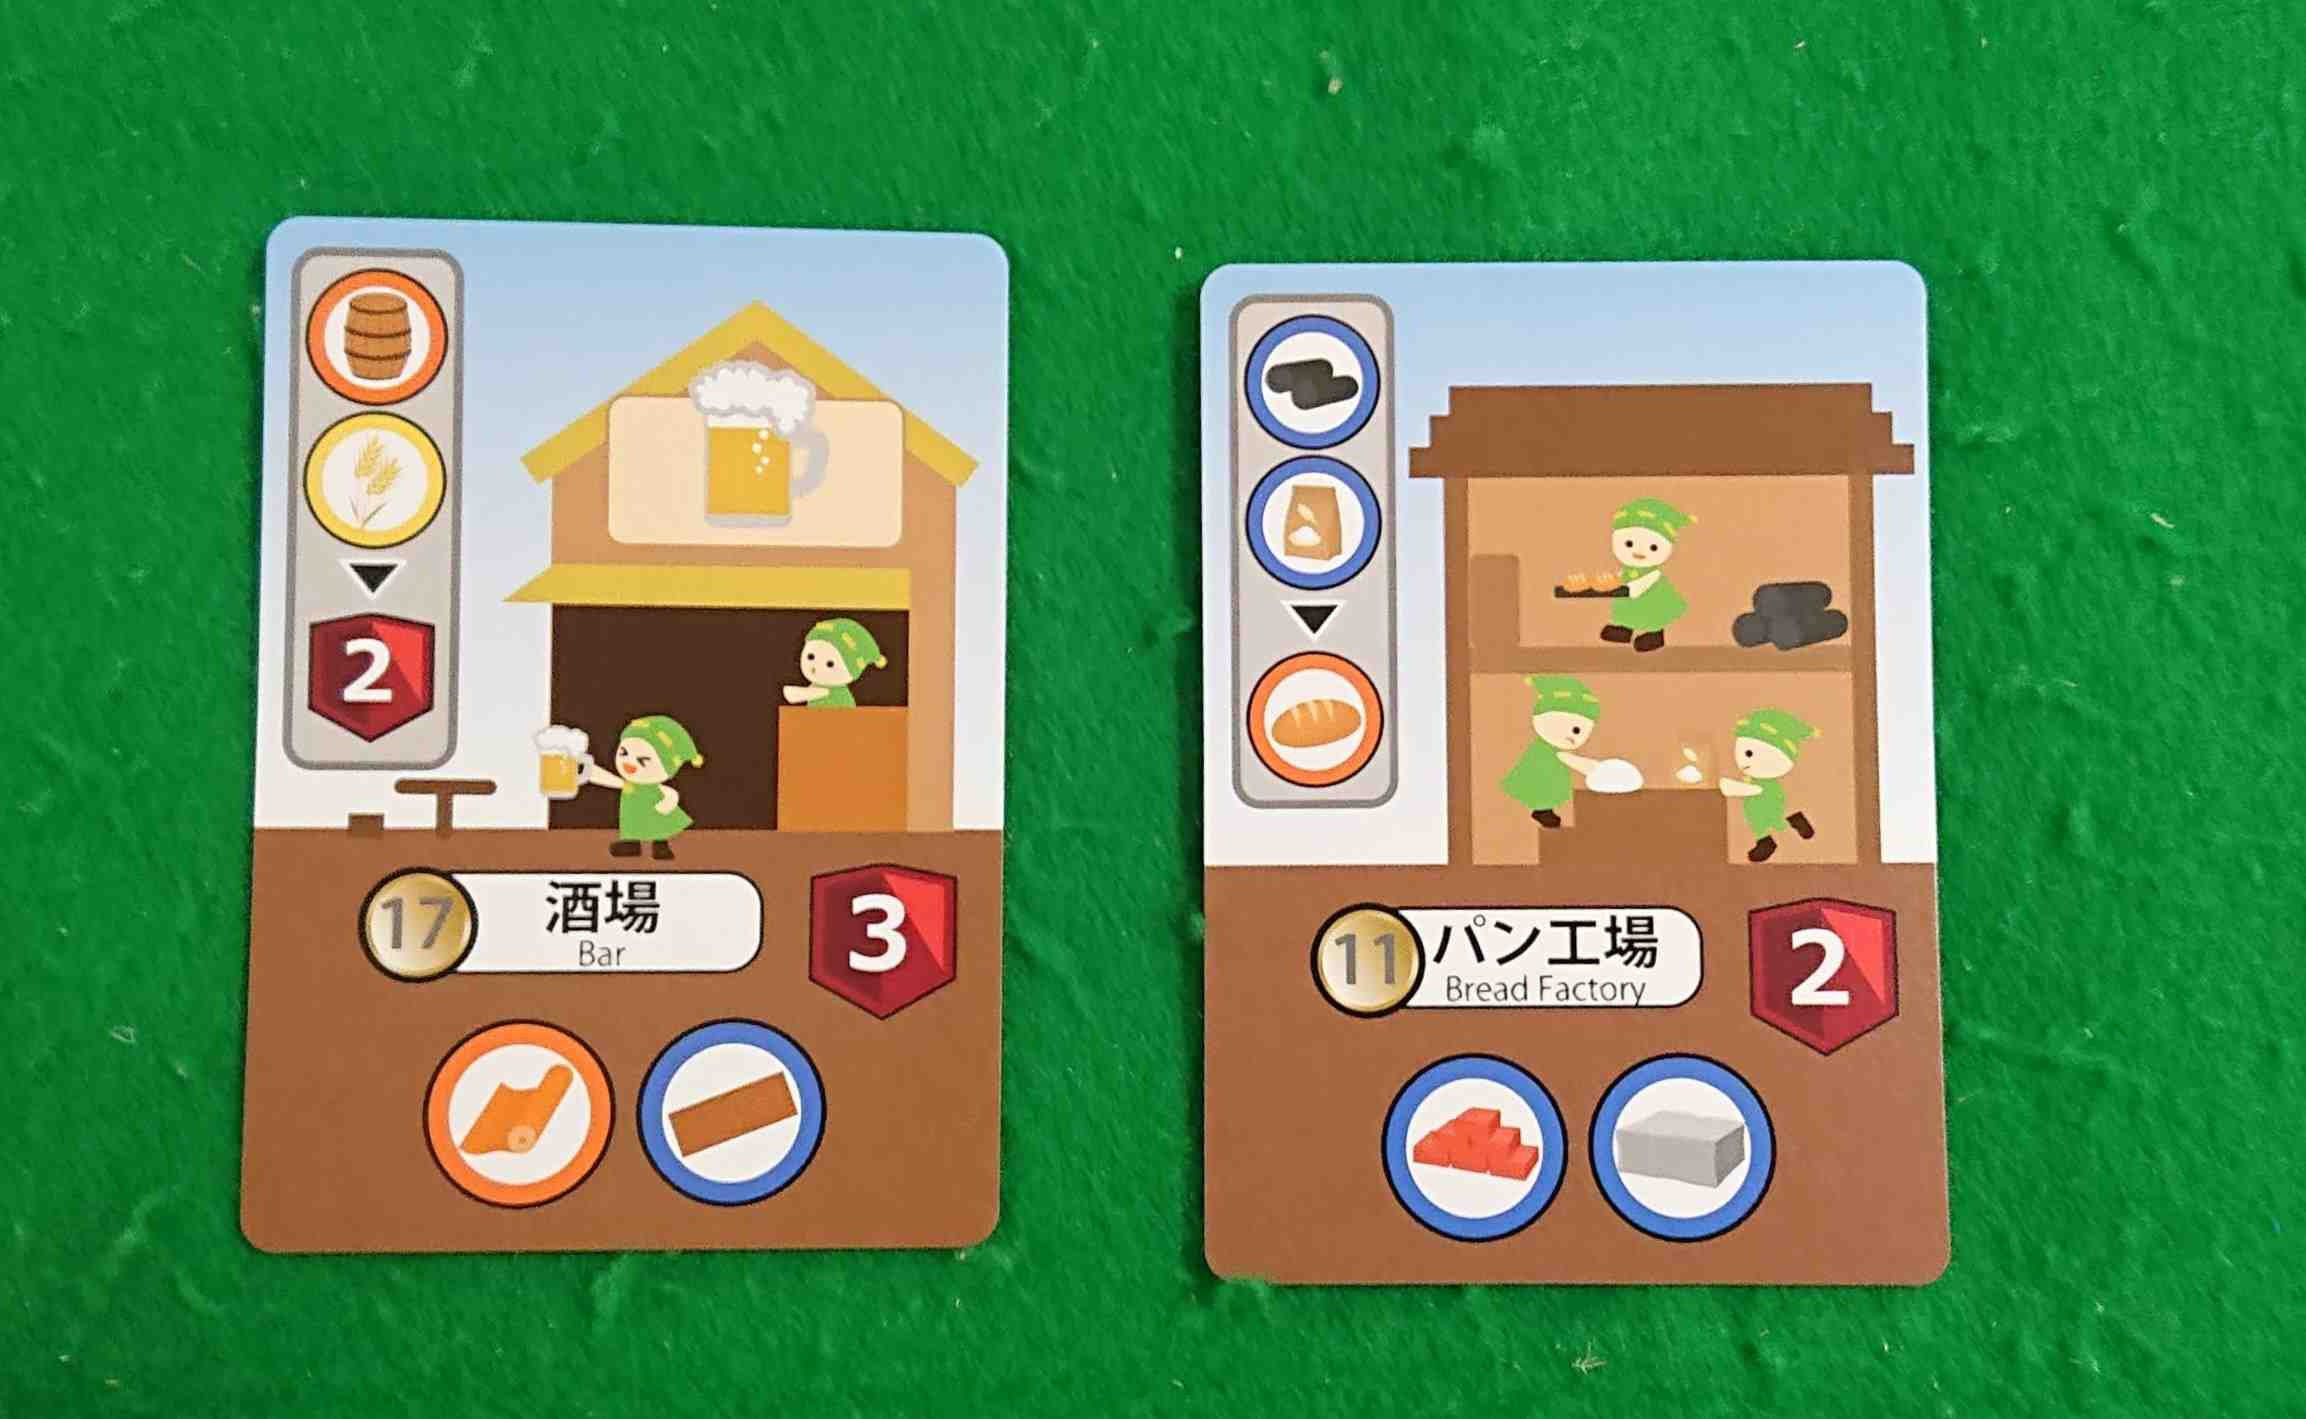 グッズメイカー ルール&レビュー 生産・売買を繰り返し建物を建てよう! ボードゲーム